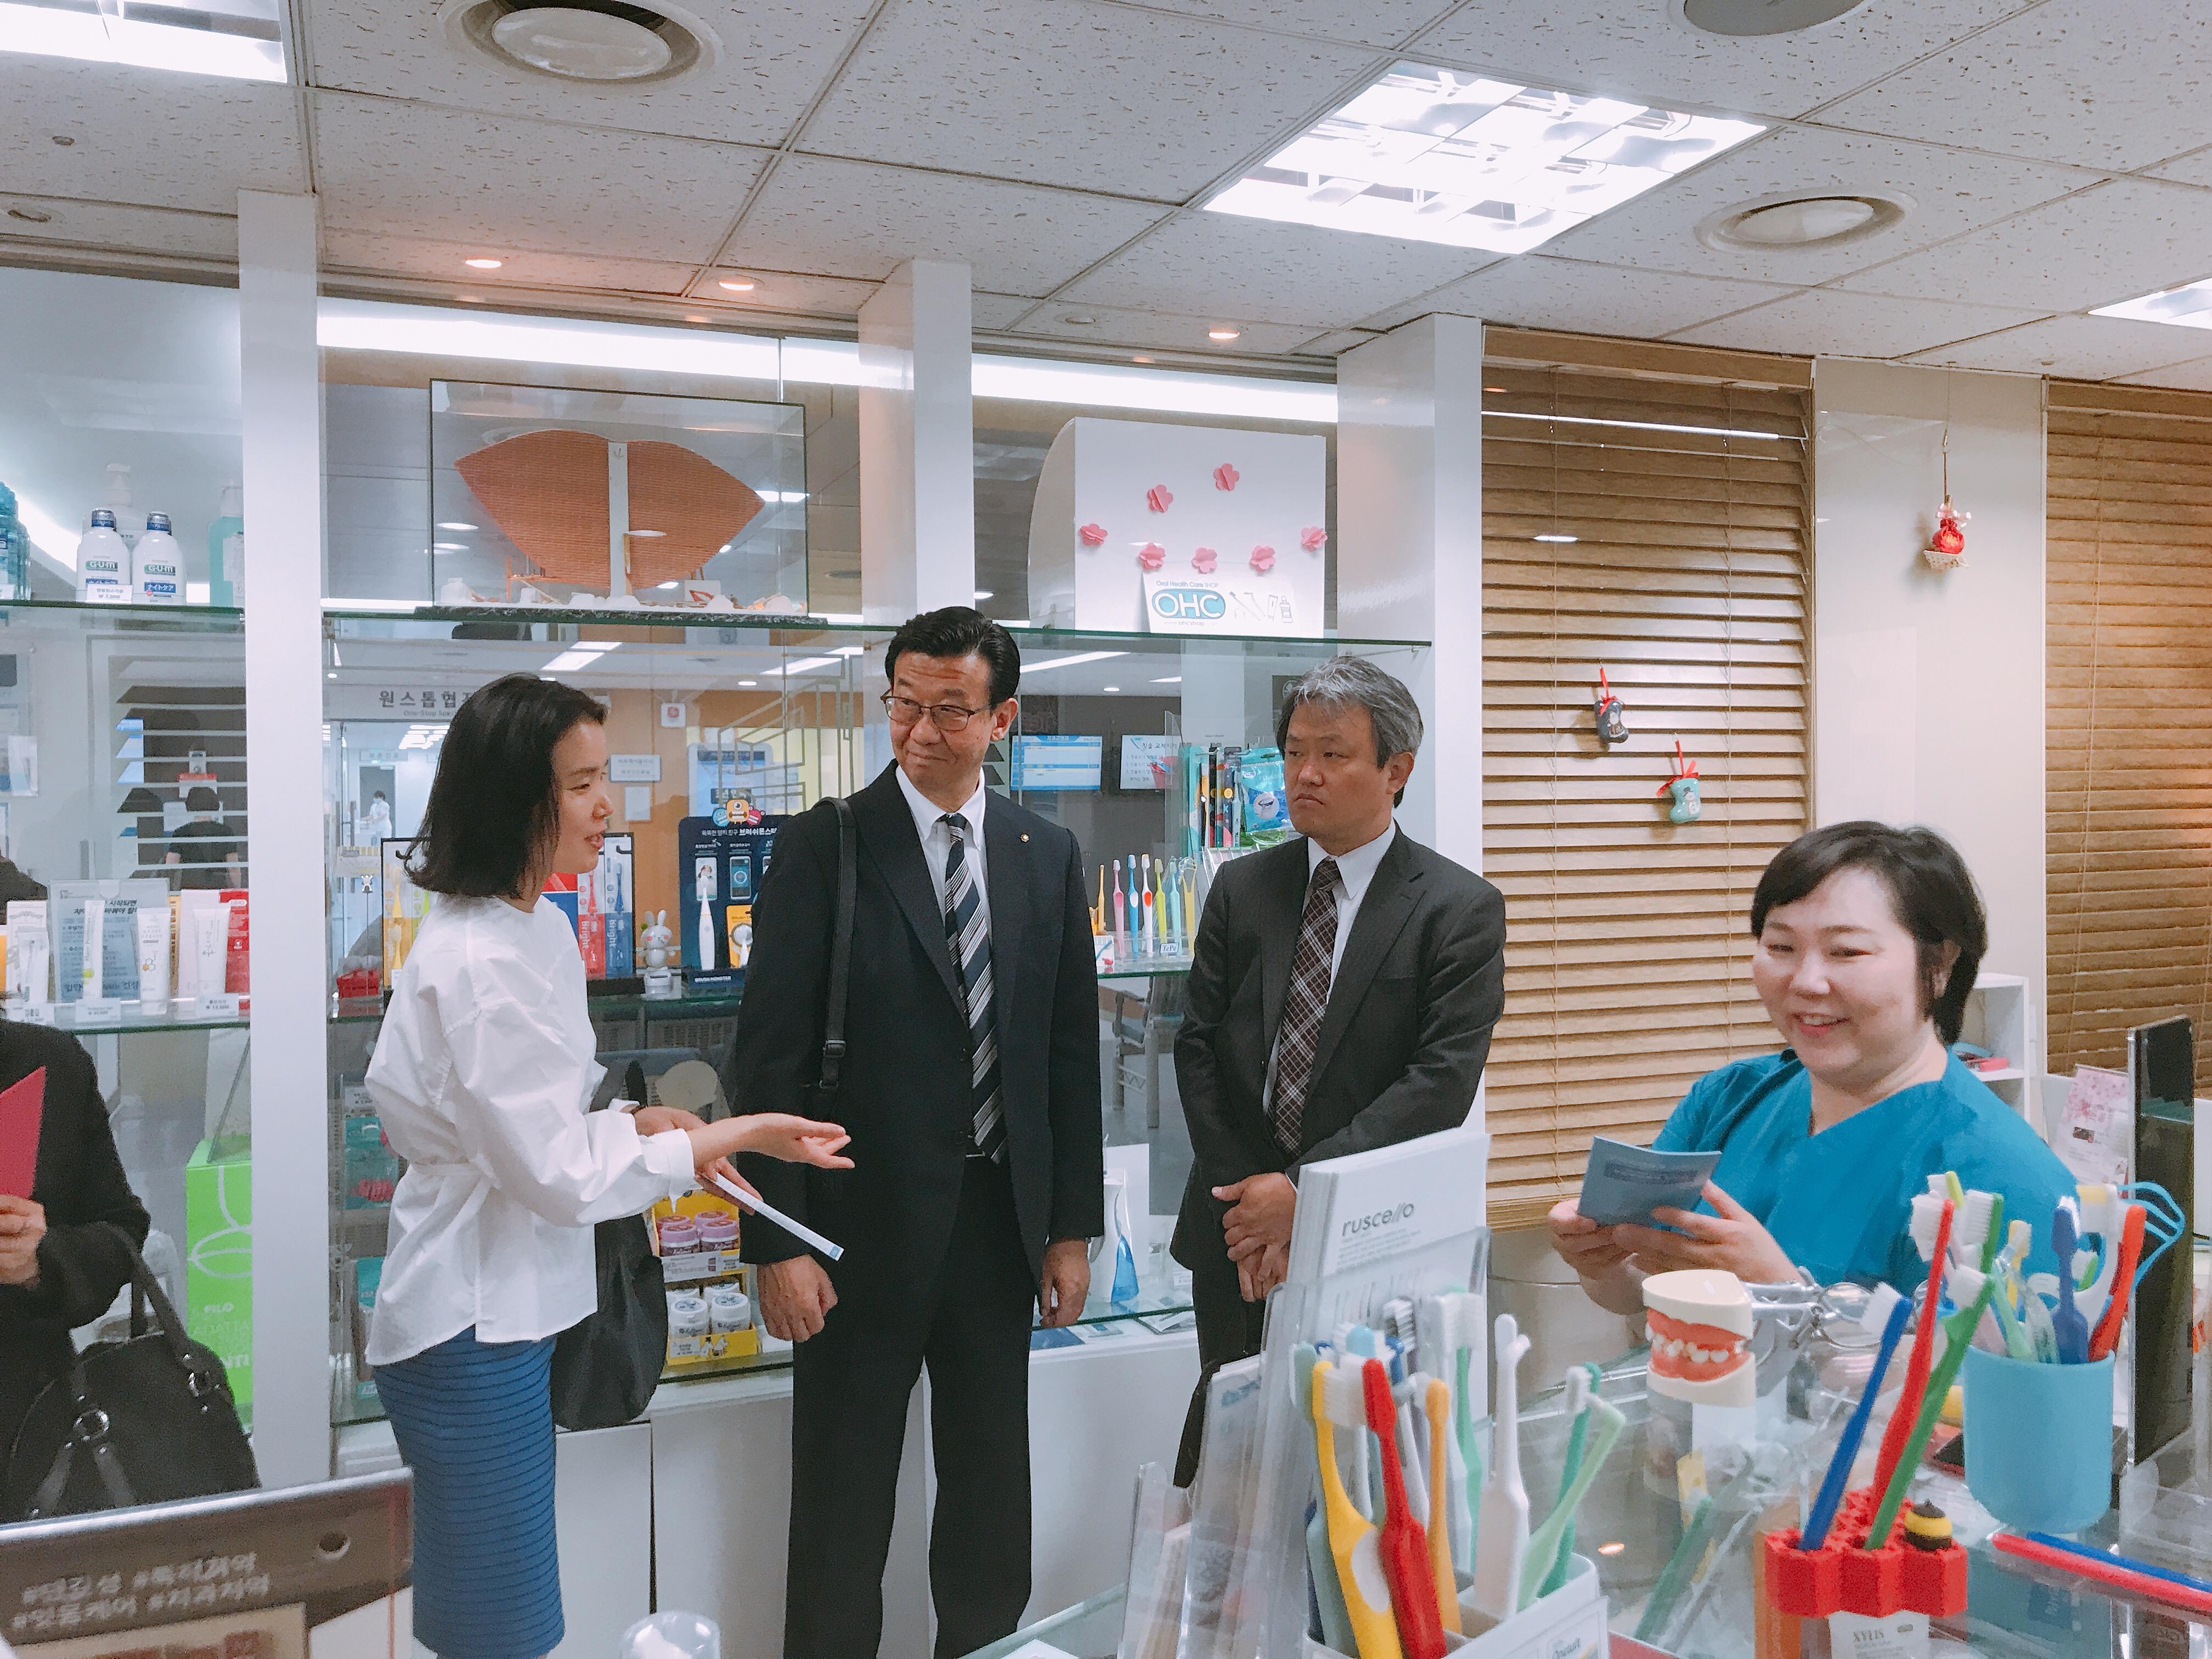 2019-5-13 일본 라이온 본사 직원 혜화방문 15.jpg